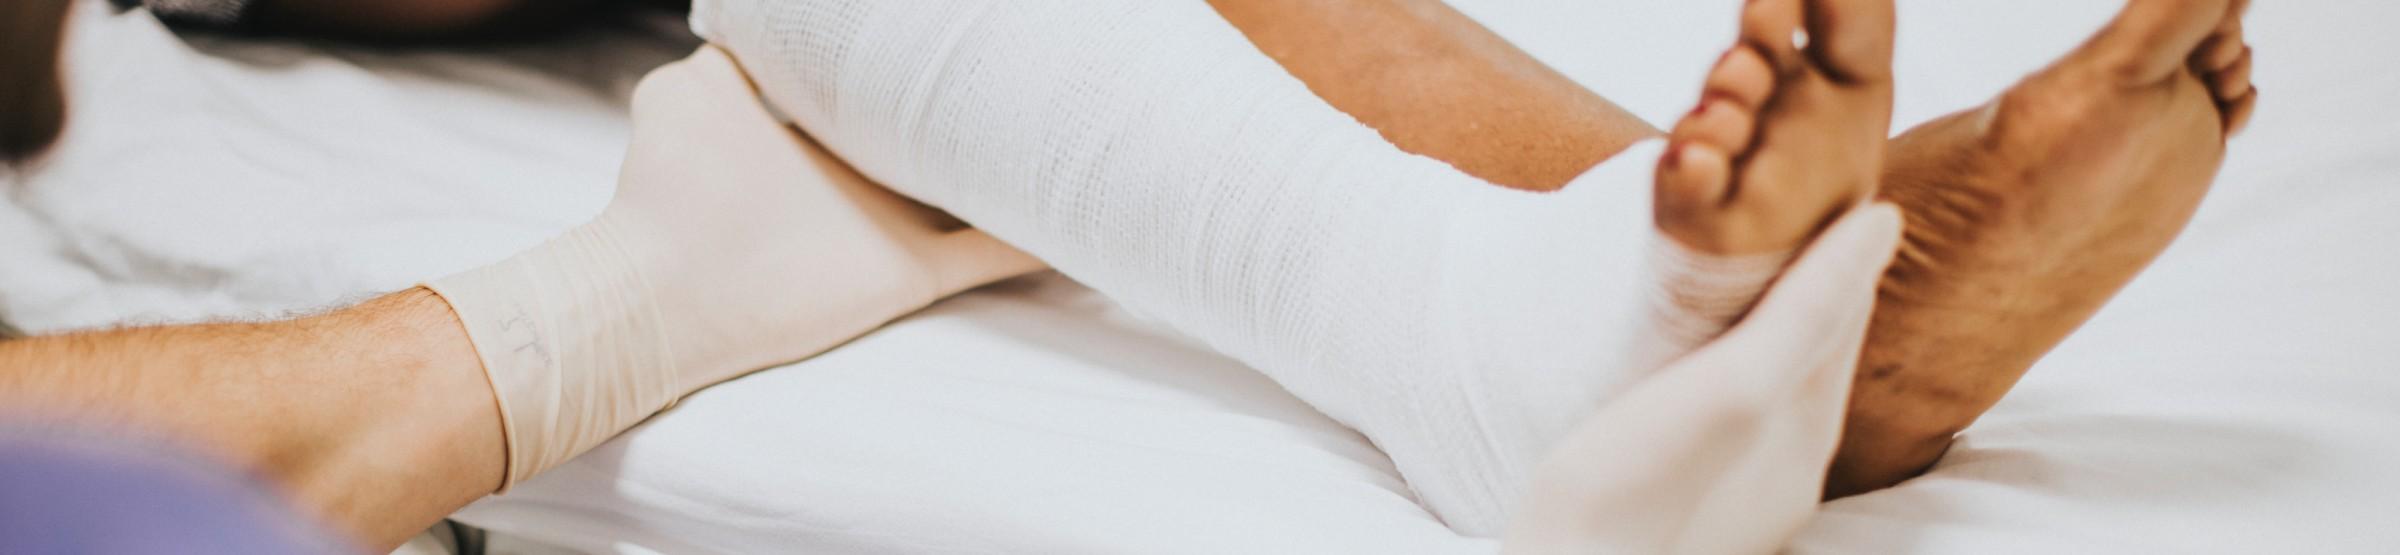 lospa-lawyers-obtine-1-500-eur-pentru-fiecare-zi-de-ingrjiri-medicale-necesare-vindecarii-clientul-sau-victima-a-unui-accident-rutier